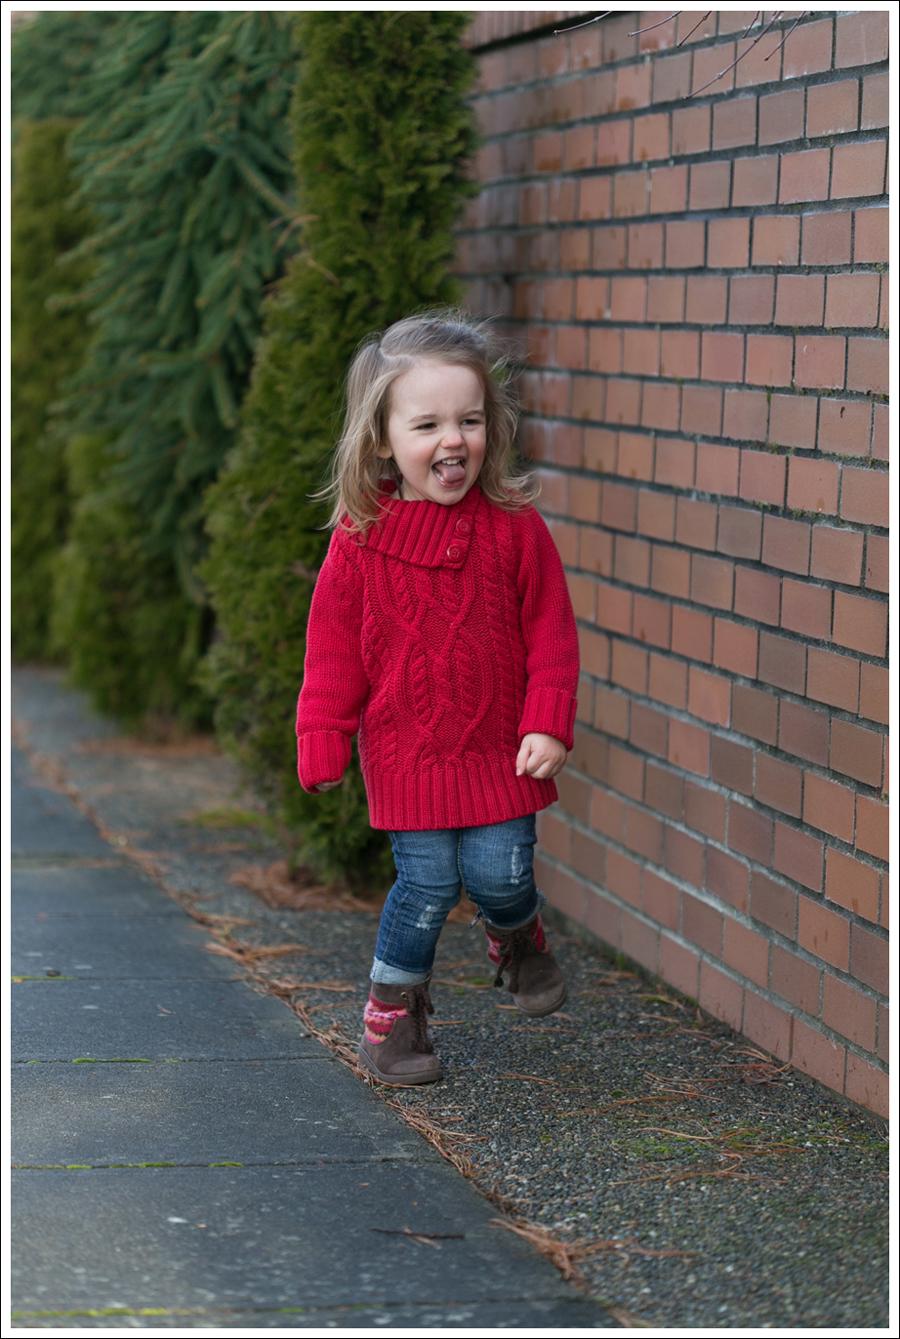 Blog Navy Zara Boyfriend Sweater Dylan George Vintage Frye-6